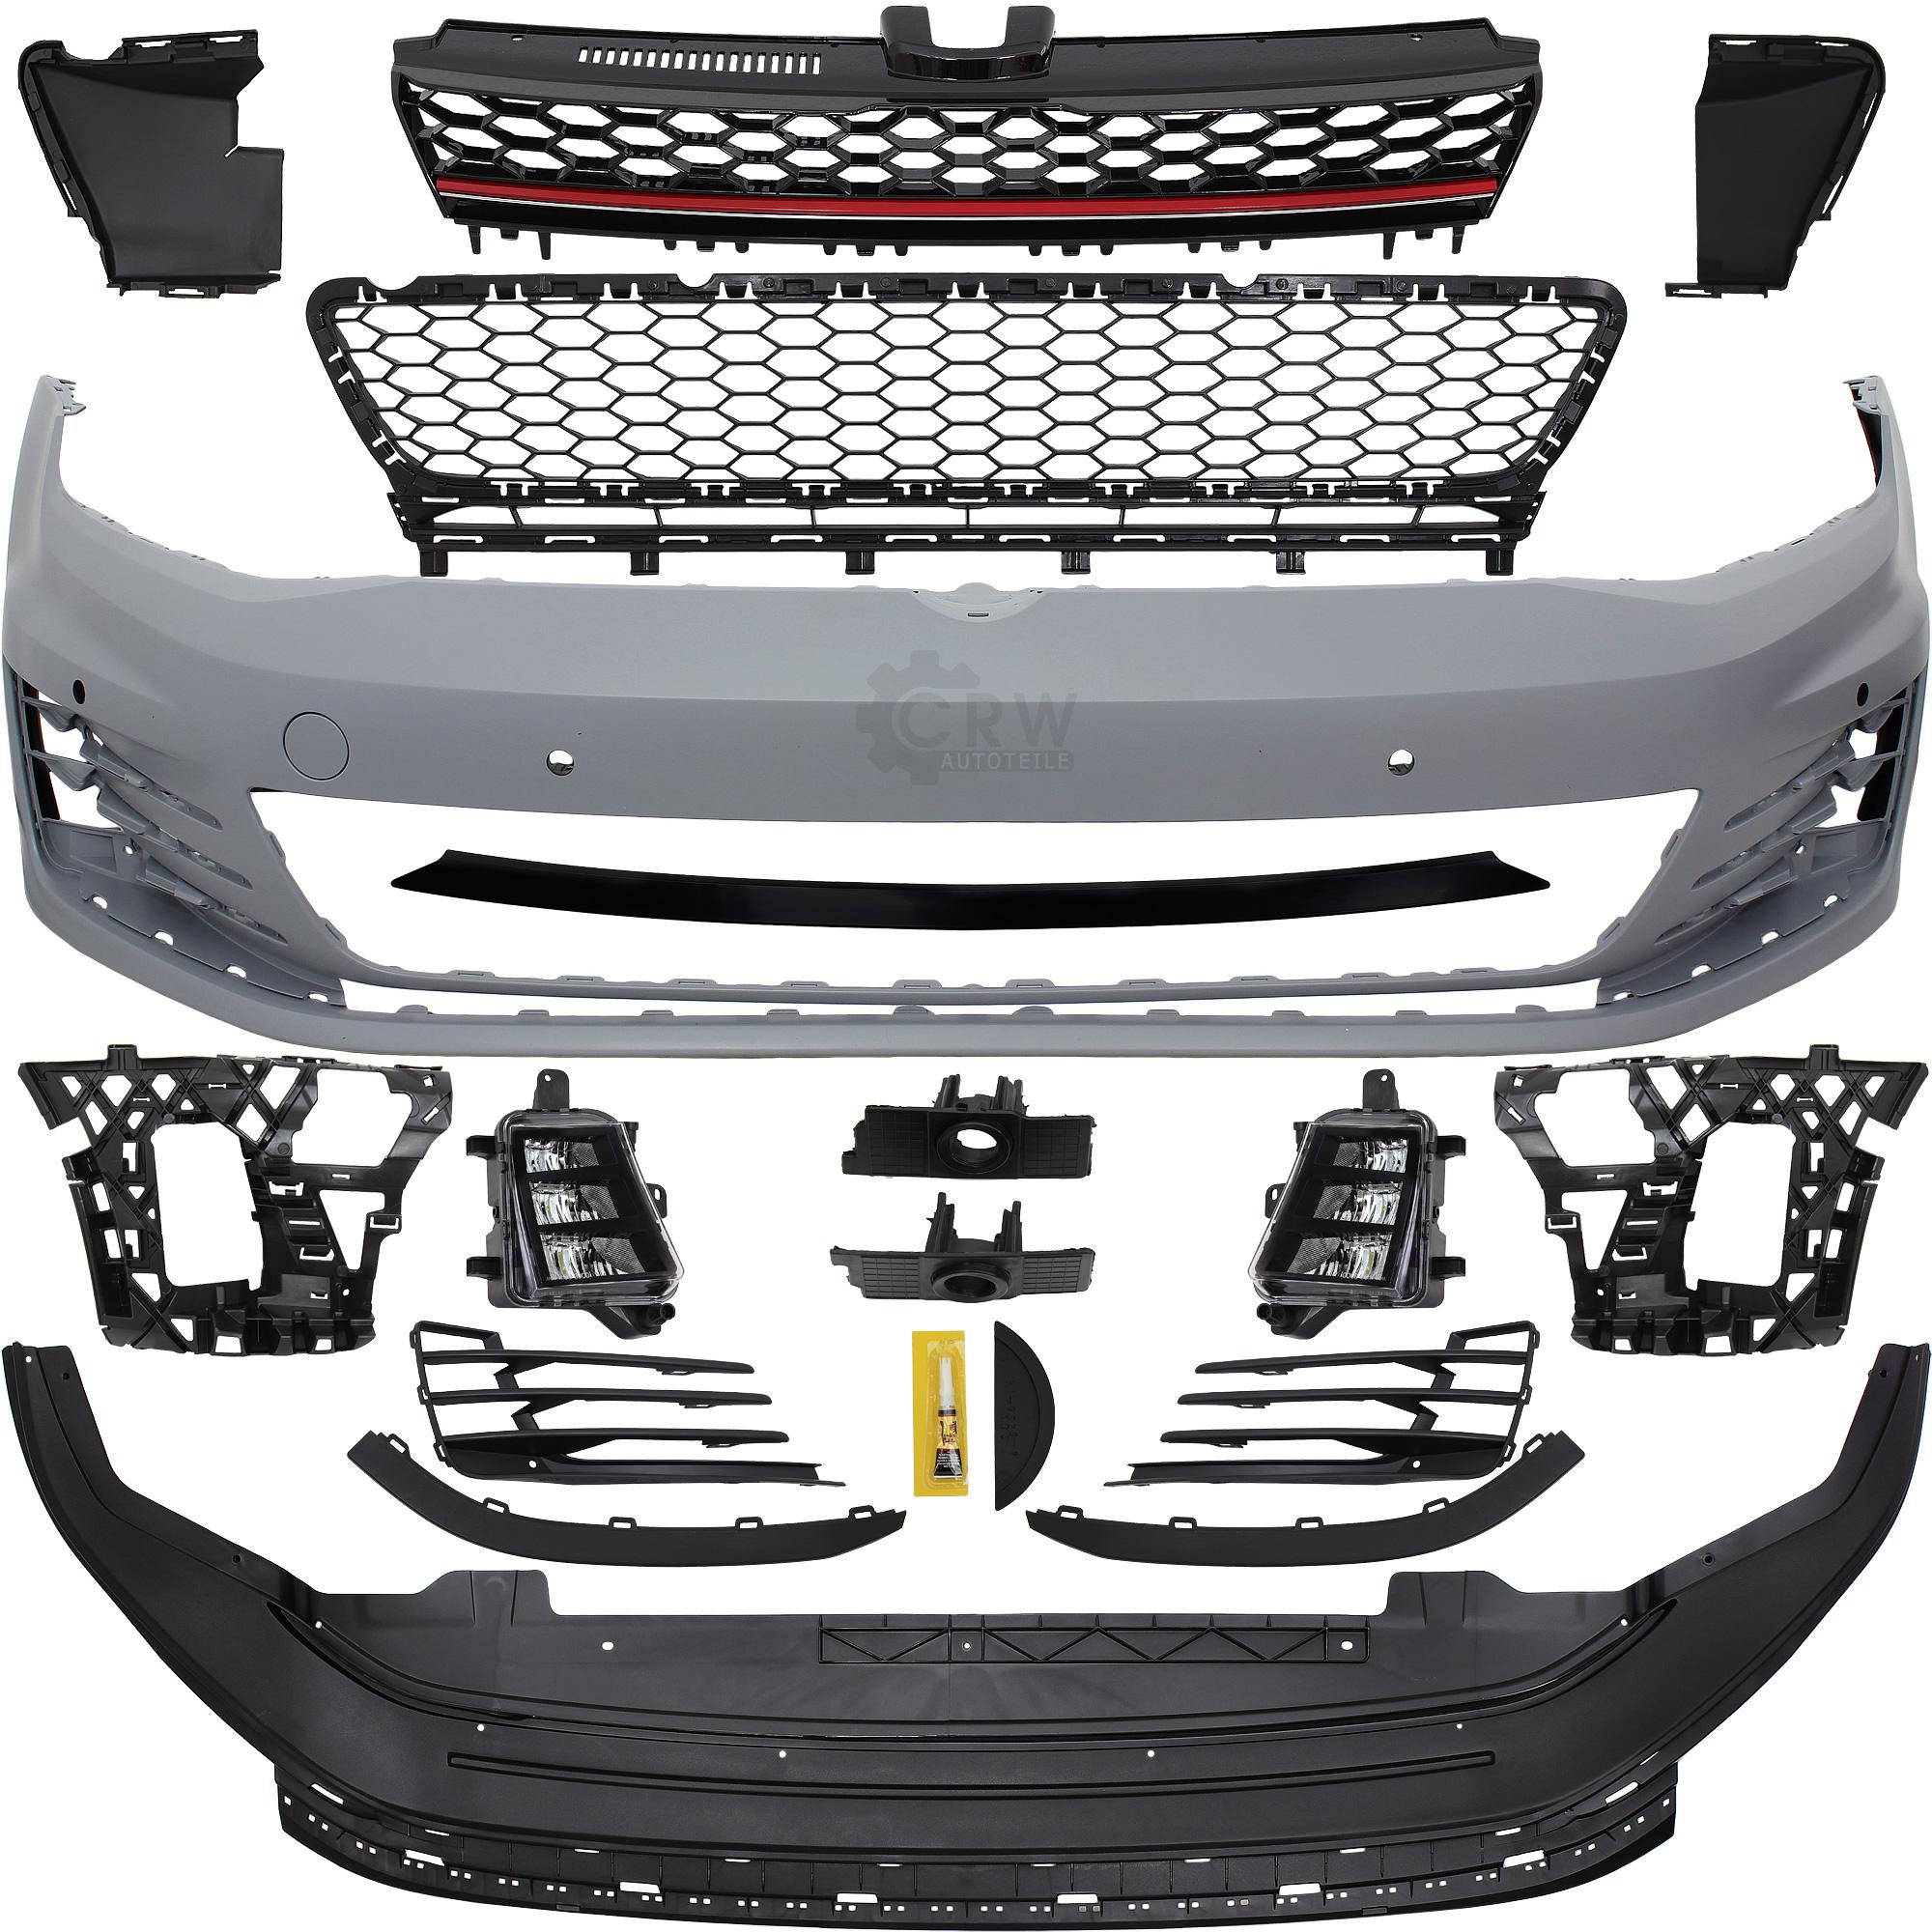 Stoßstange + Grill vorne lackierfähig VW Golf VII 7 GTI Look Optik ...